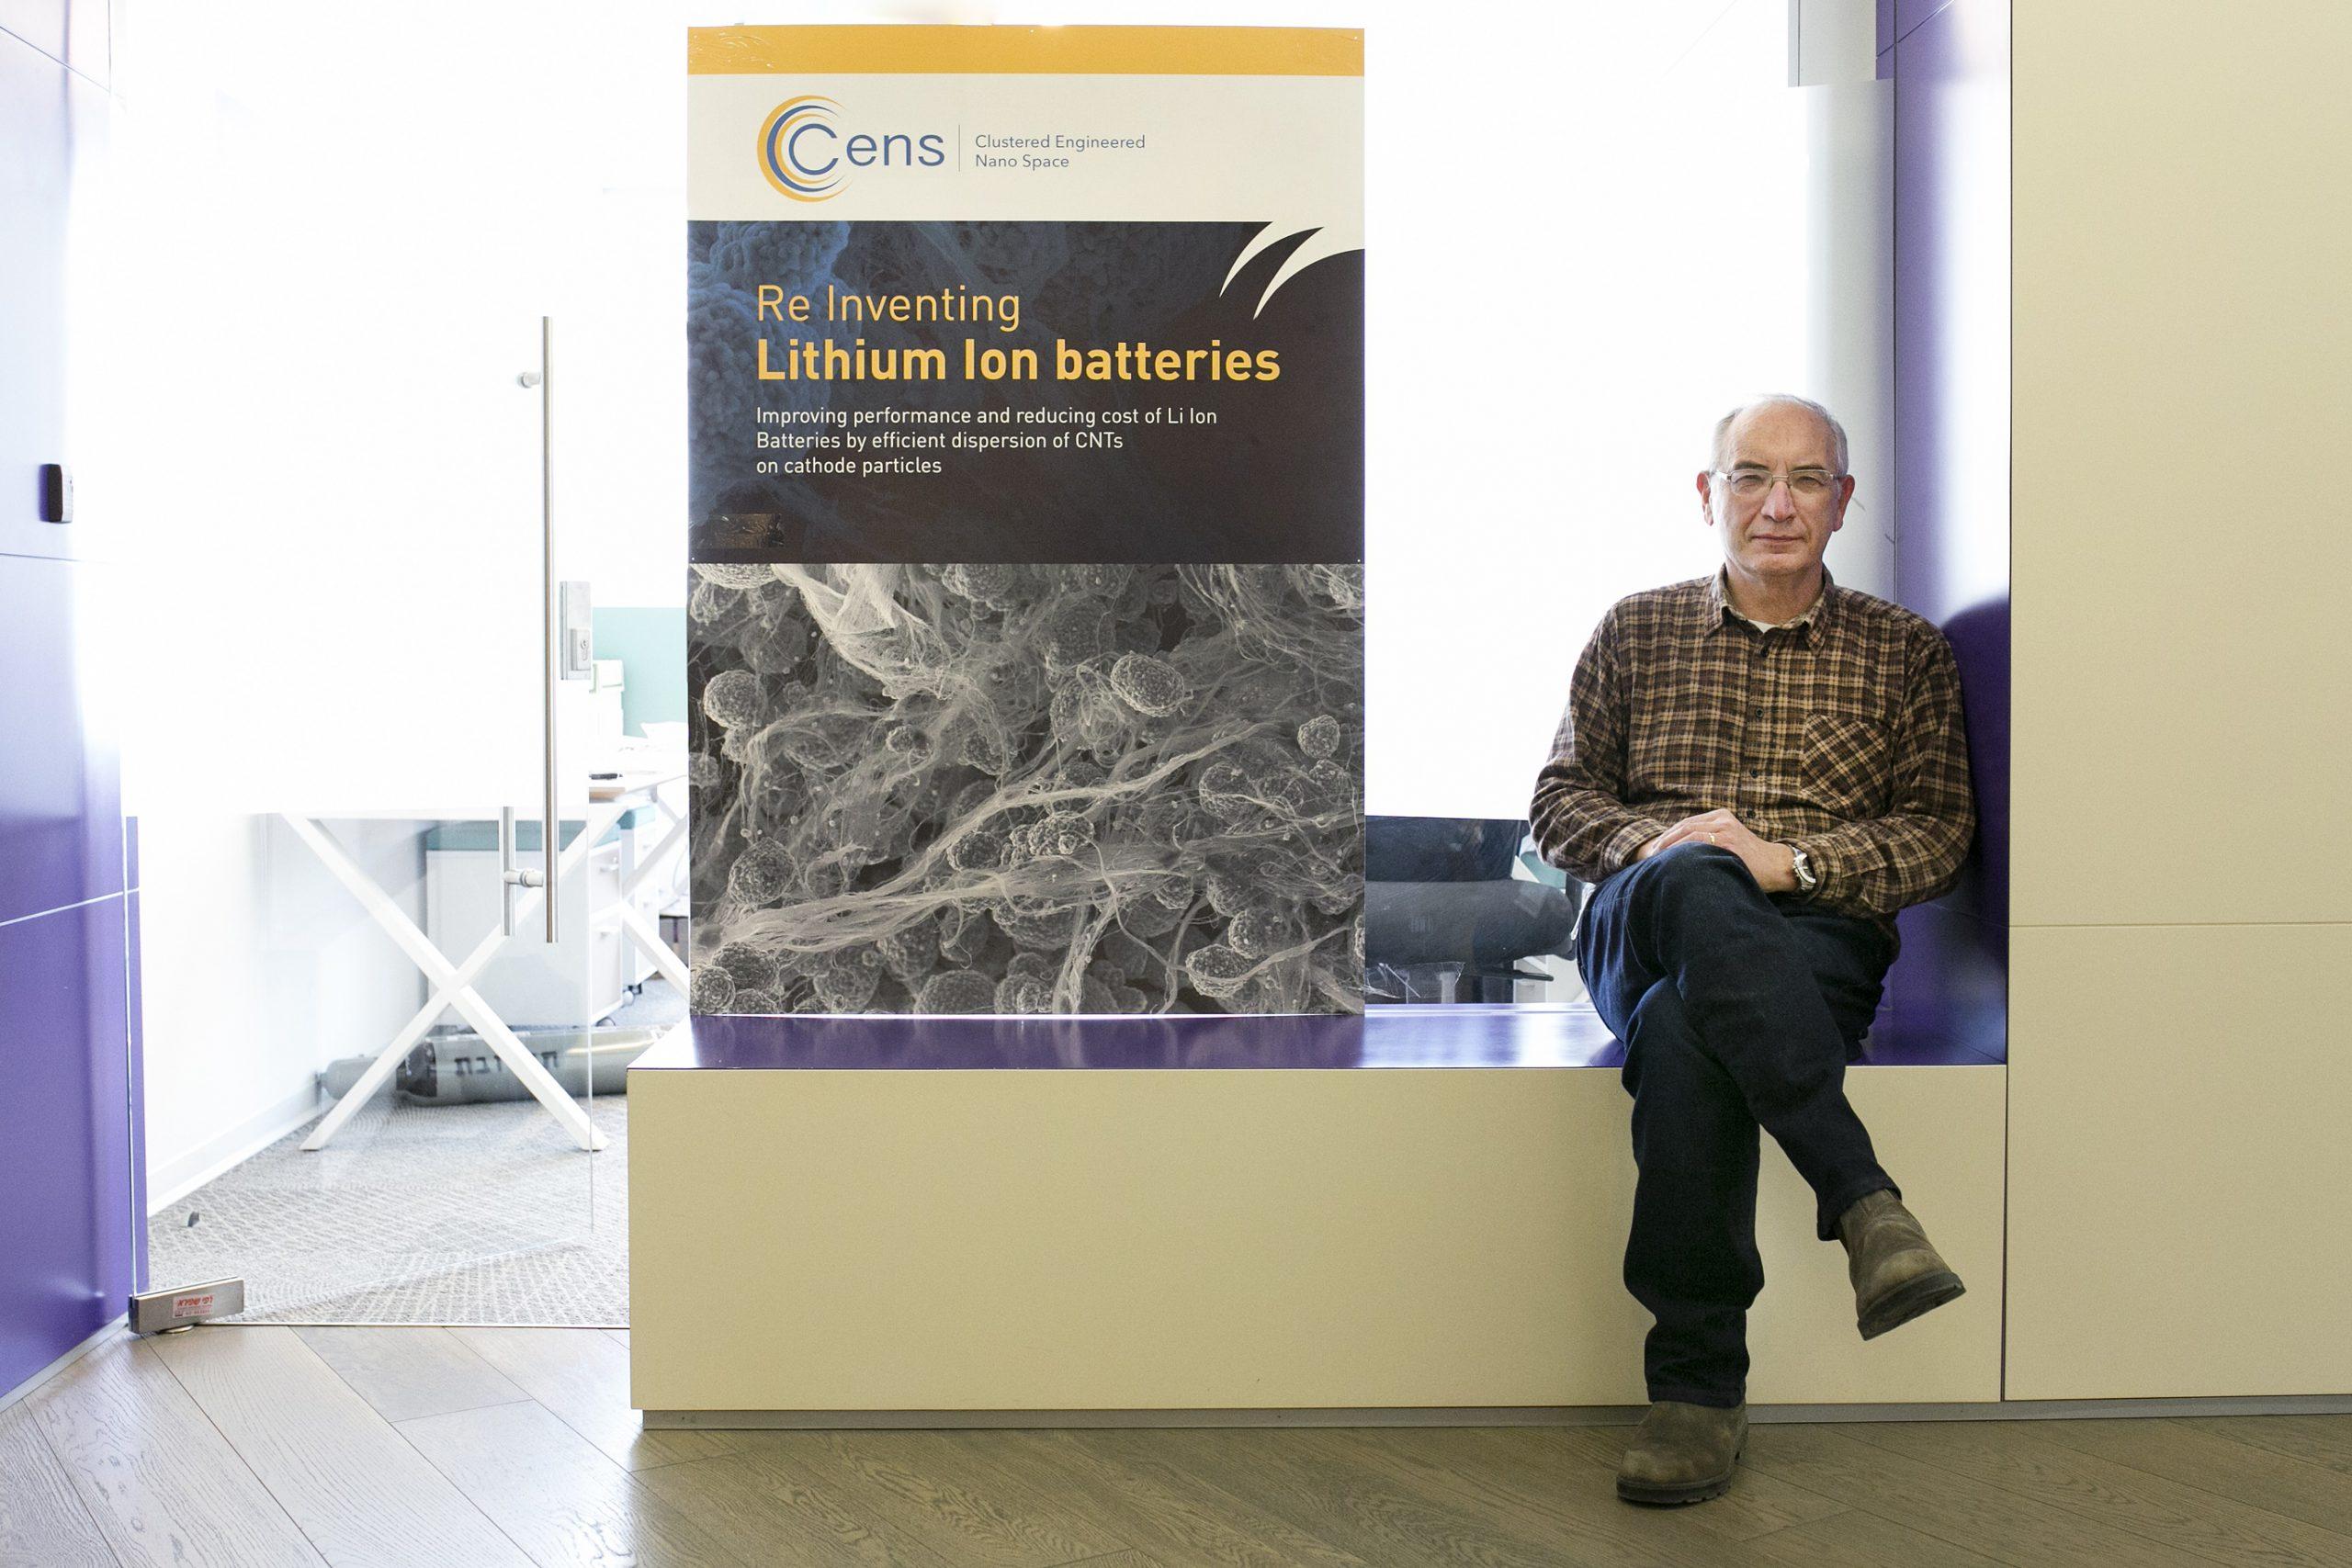 מיכאל ברומפמן מנכל ומייסד CENC. צילום: דאווינה זאגורי.